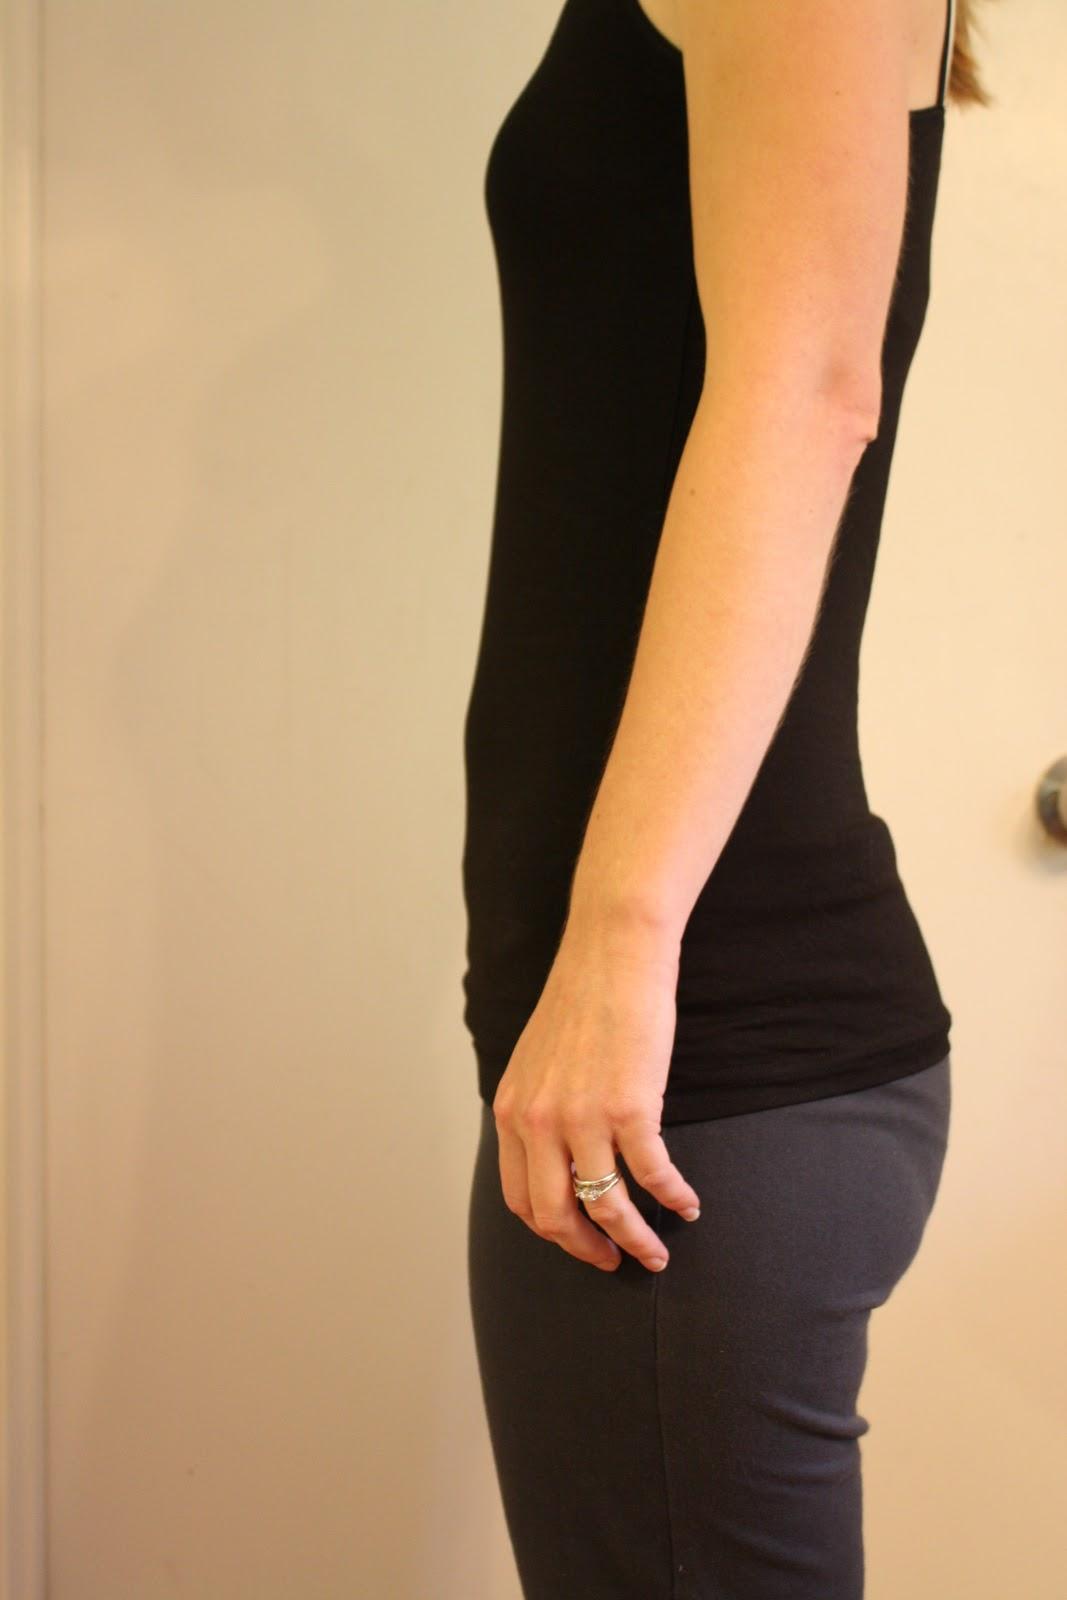 На 13 недели беременности тянет поясницу